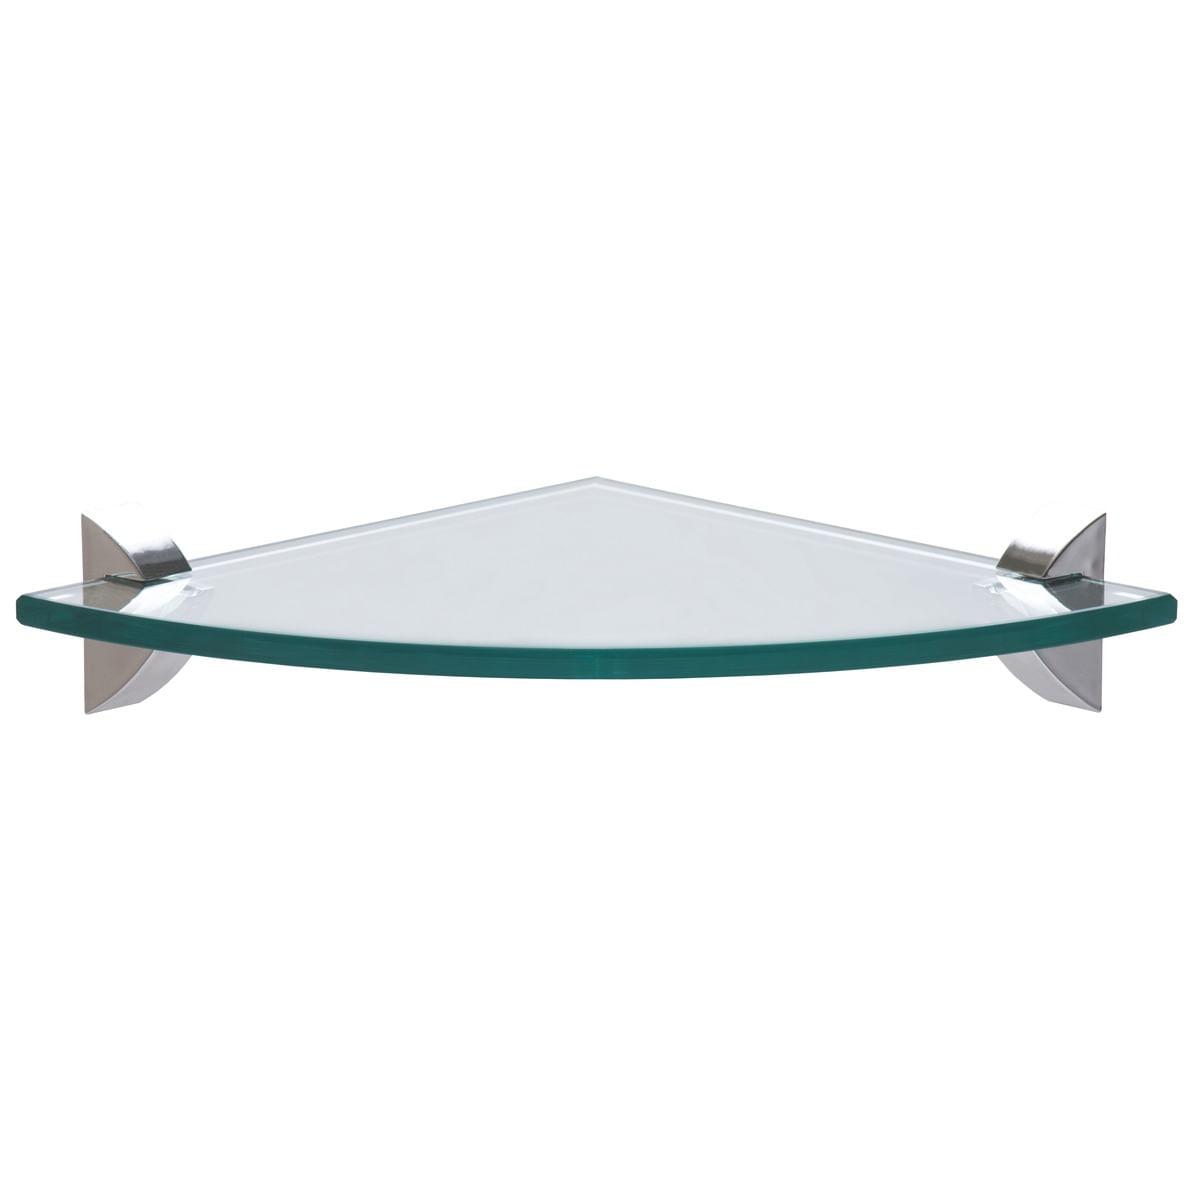 Prateleira de Canto Tramontina de Vidro 20 x 20 cm Glass 8 mm com suporte Injetado